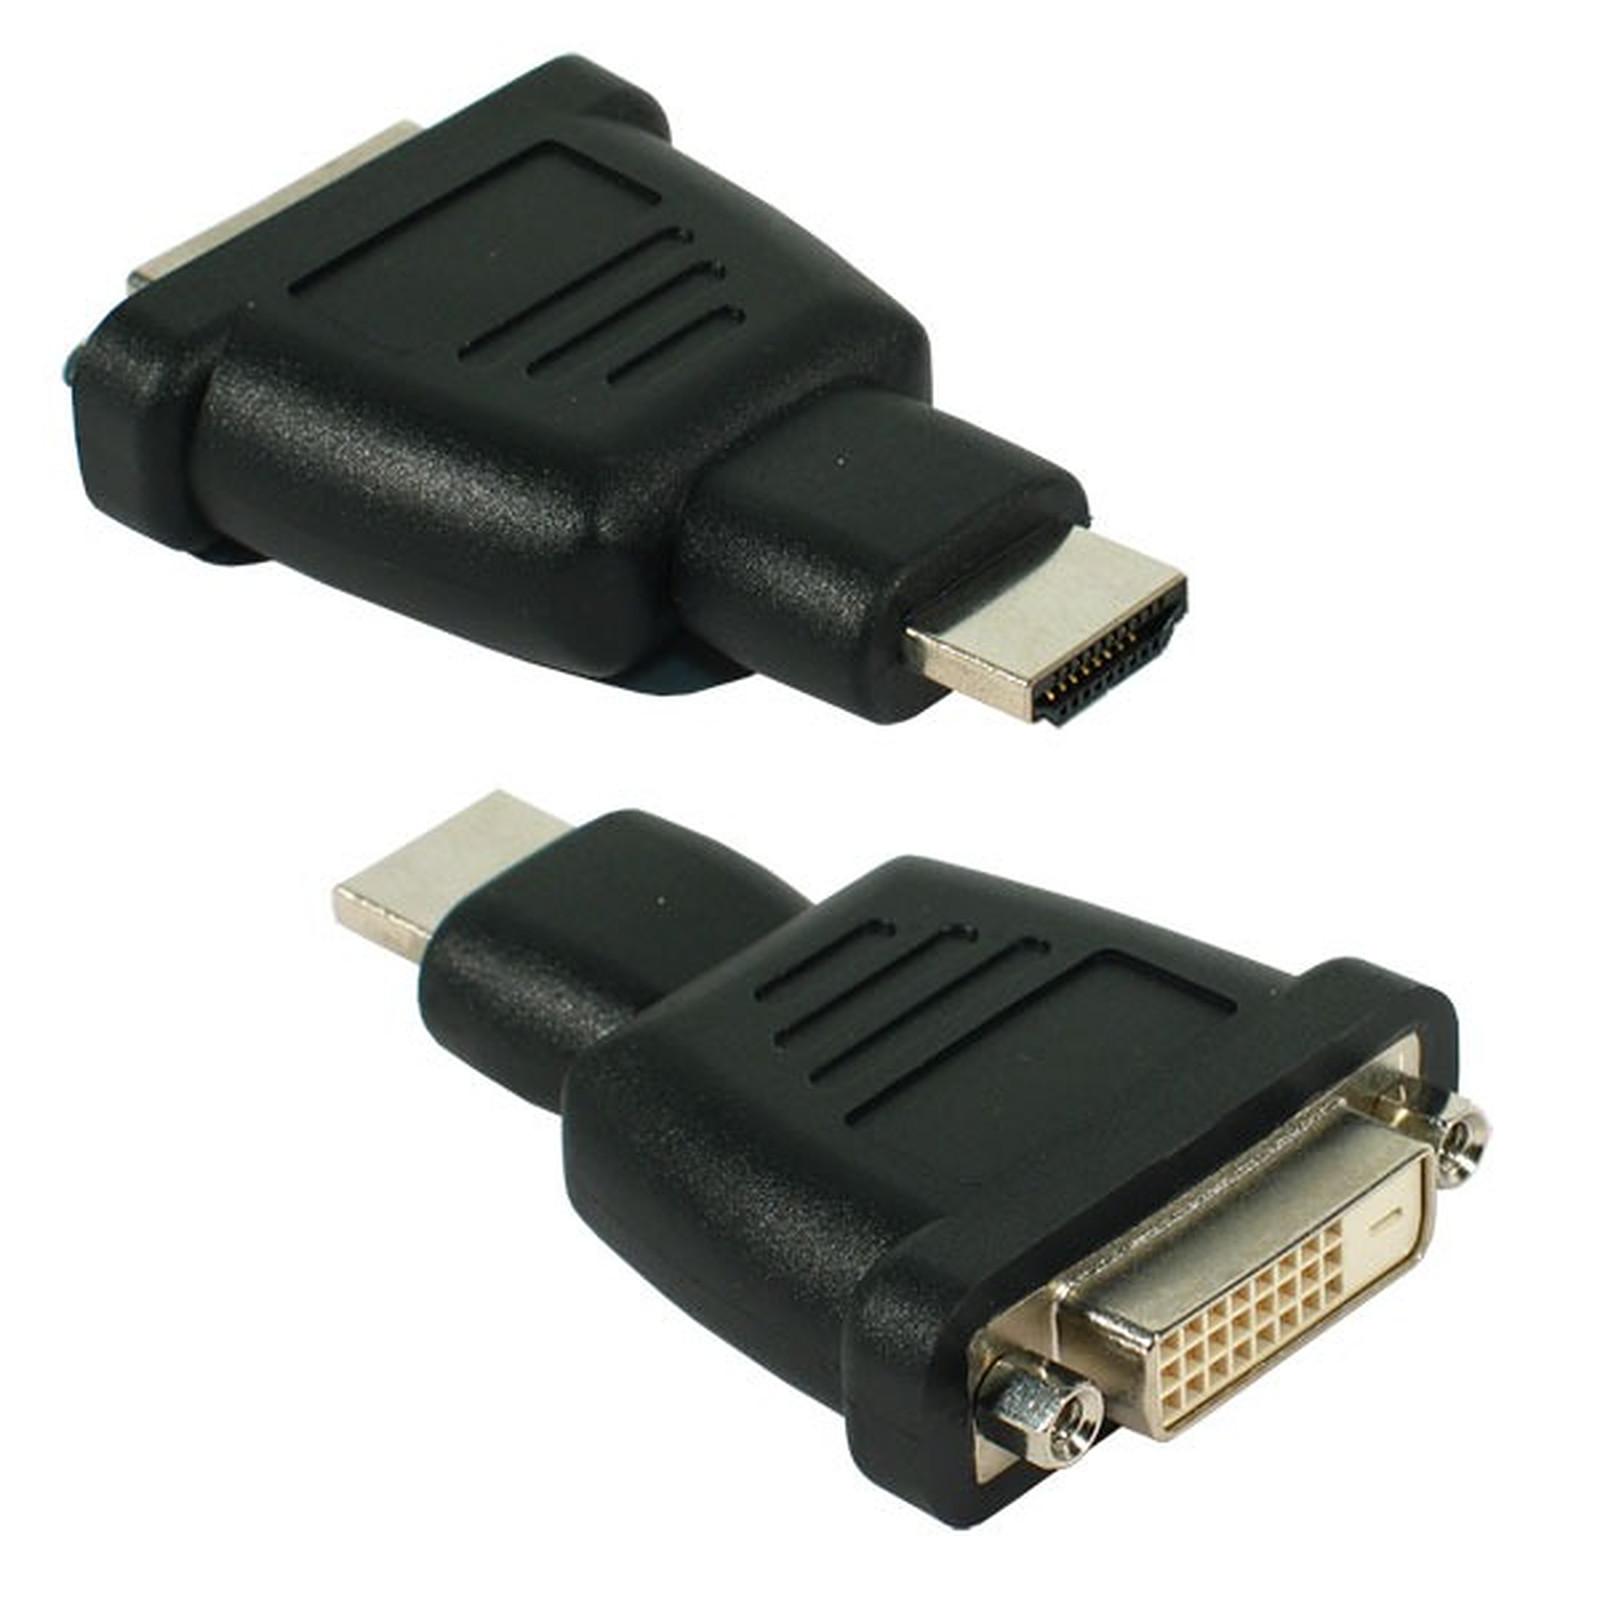 Adaptador DVI-D hembra / HDMI macho